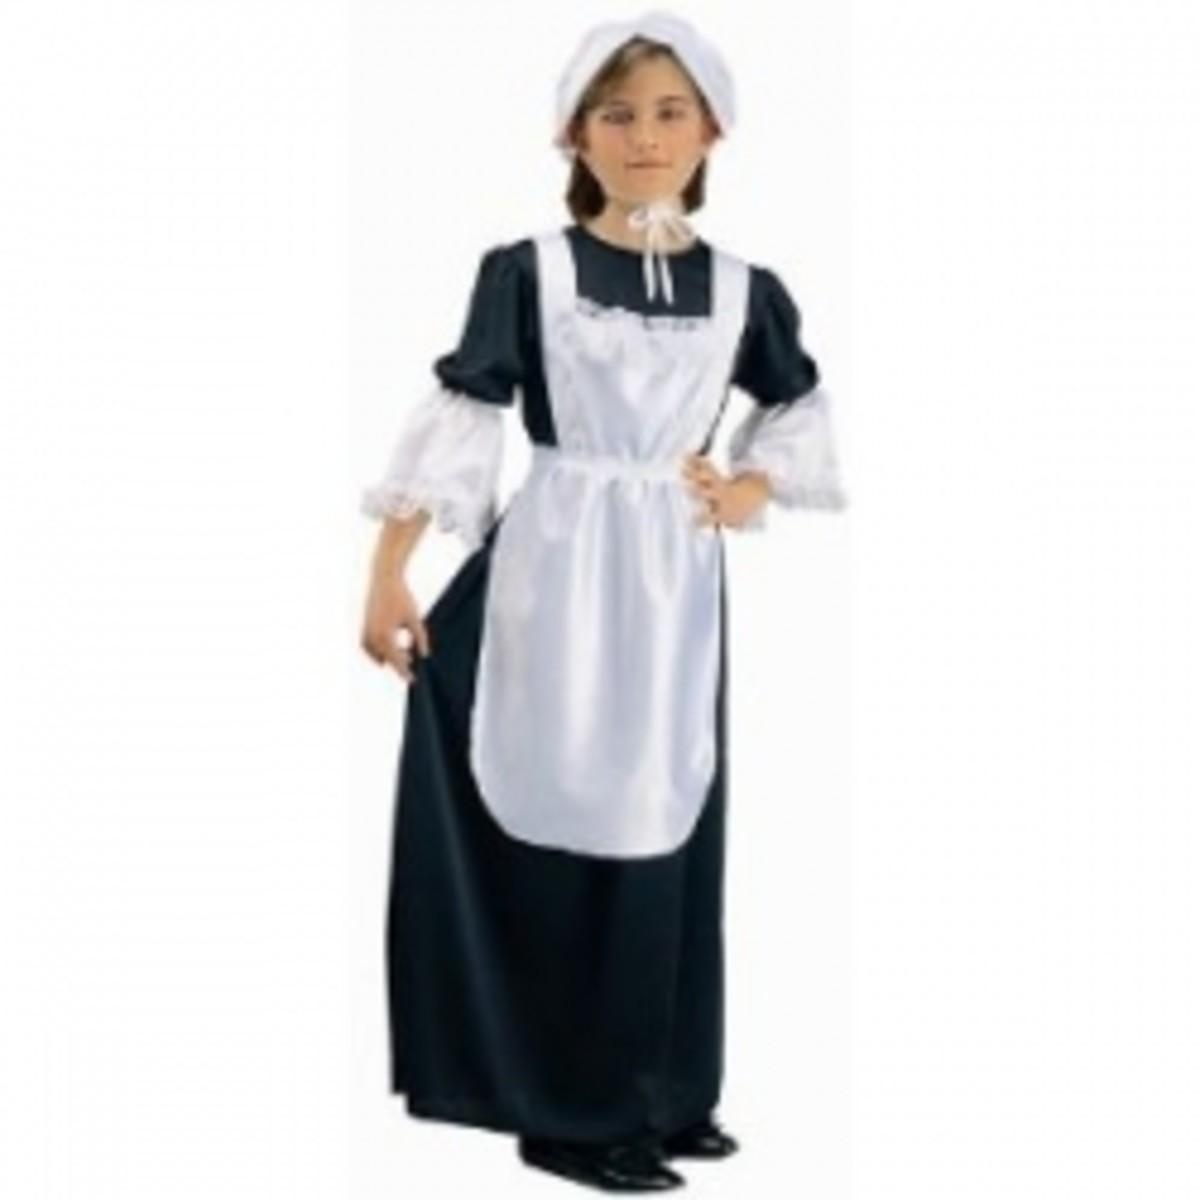 Children's Pilgrim Costumes for Thanksgiving